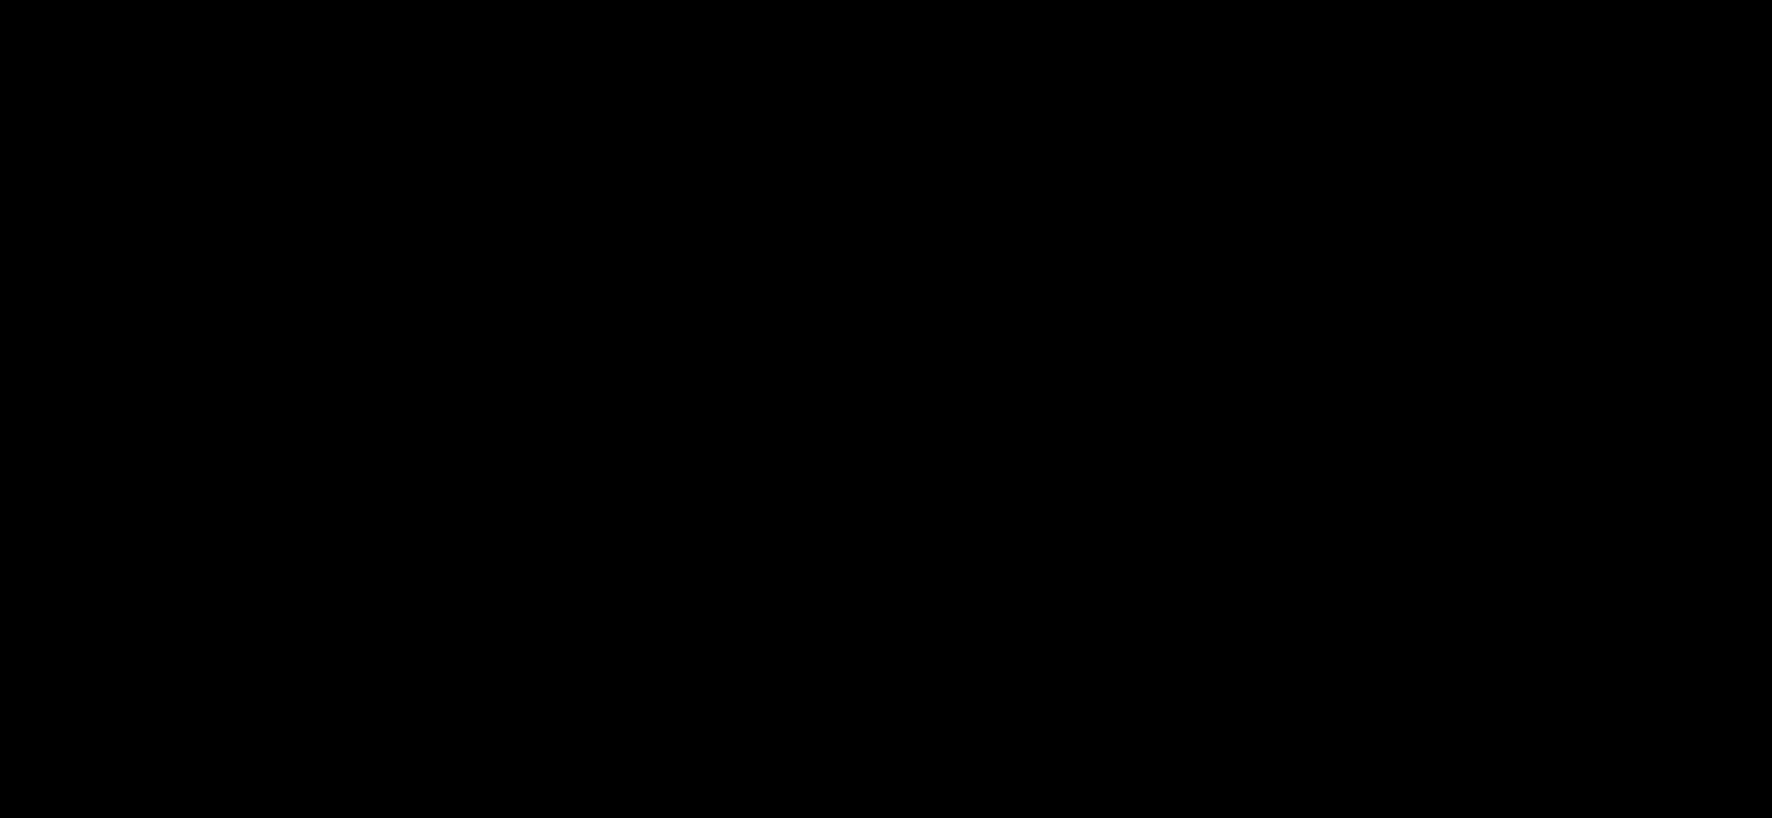 MDPH 49 20P-02-2019_Mise en page 1